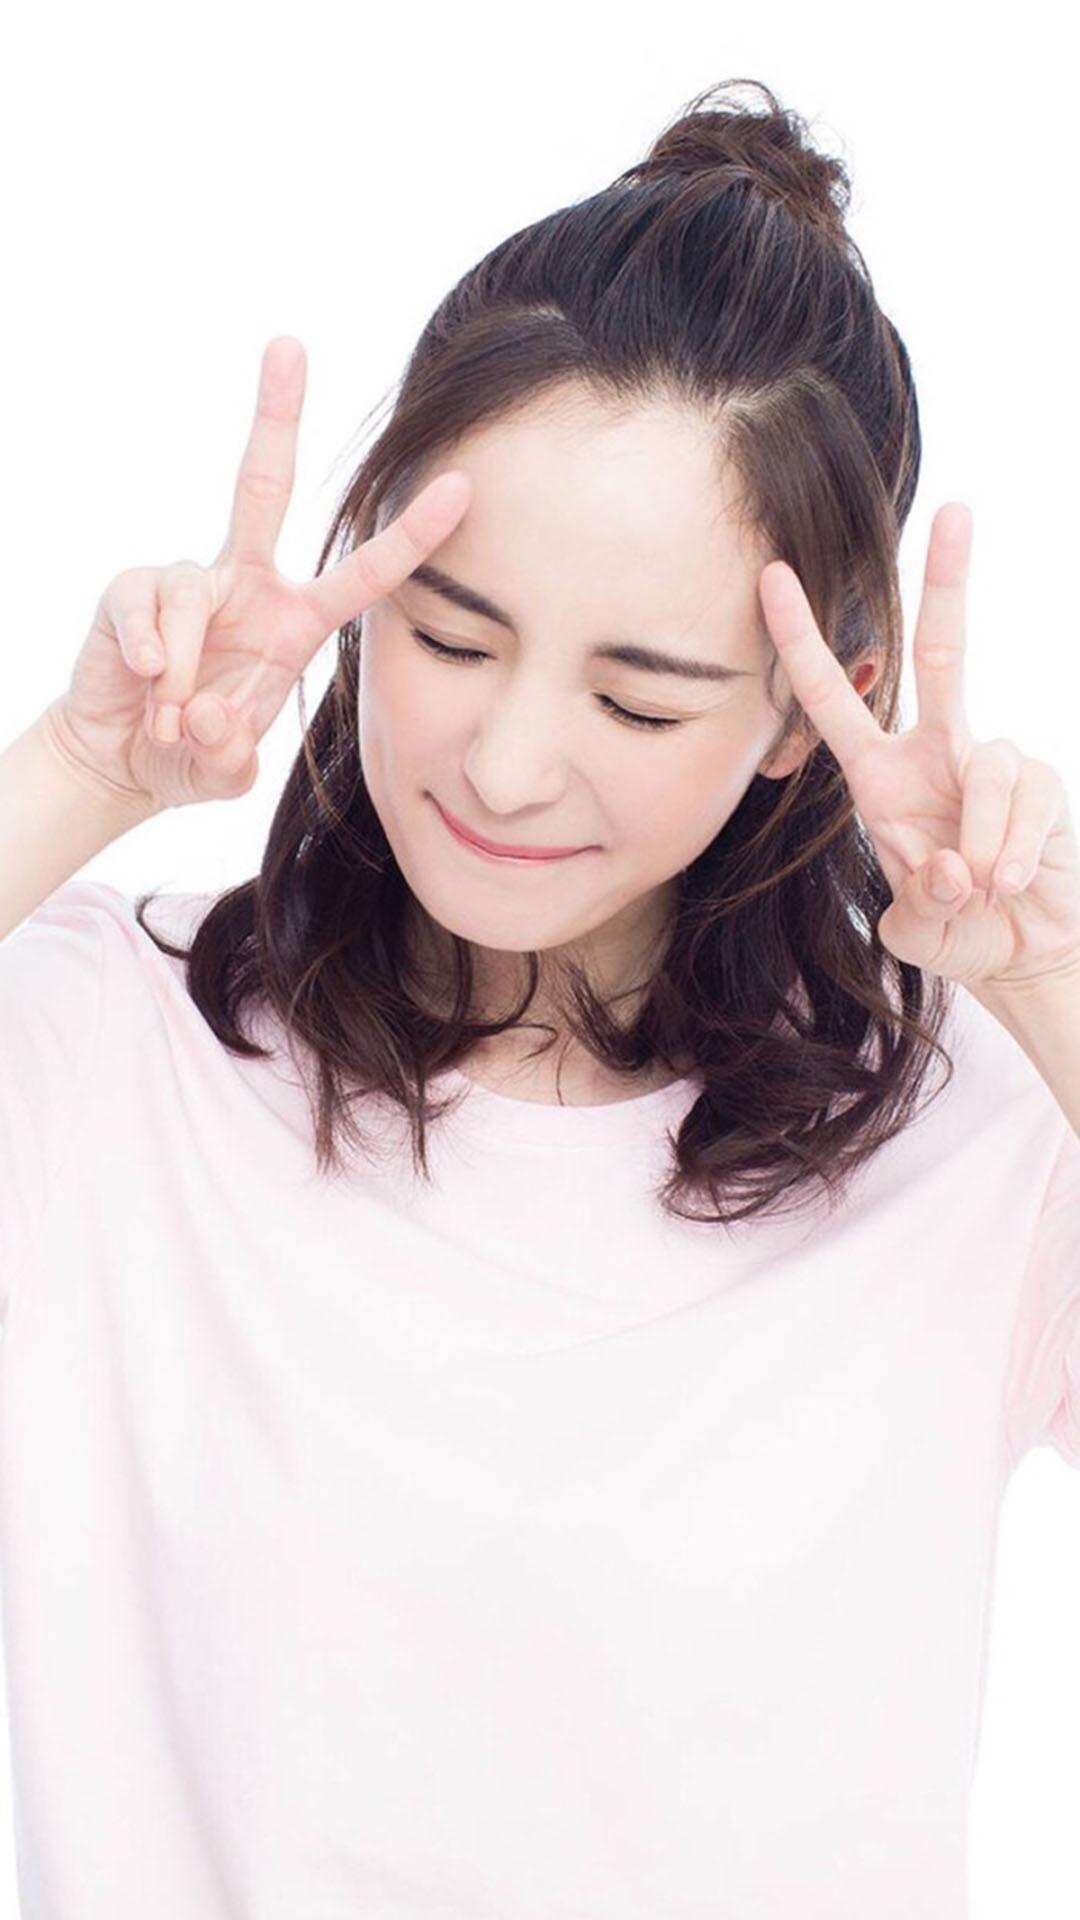 女星 杨幂 剪刀手 演员